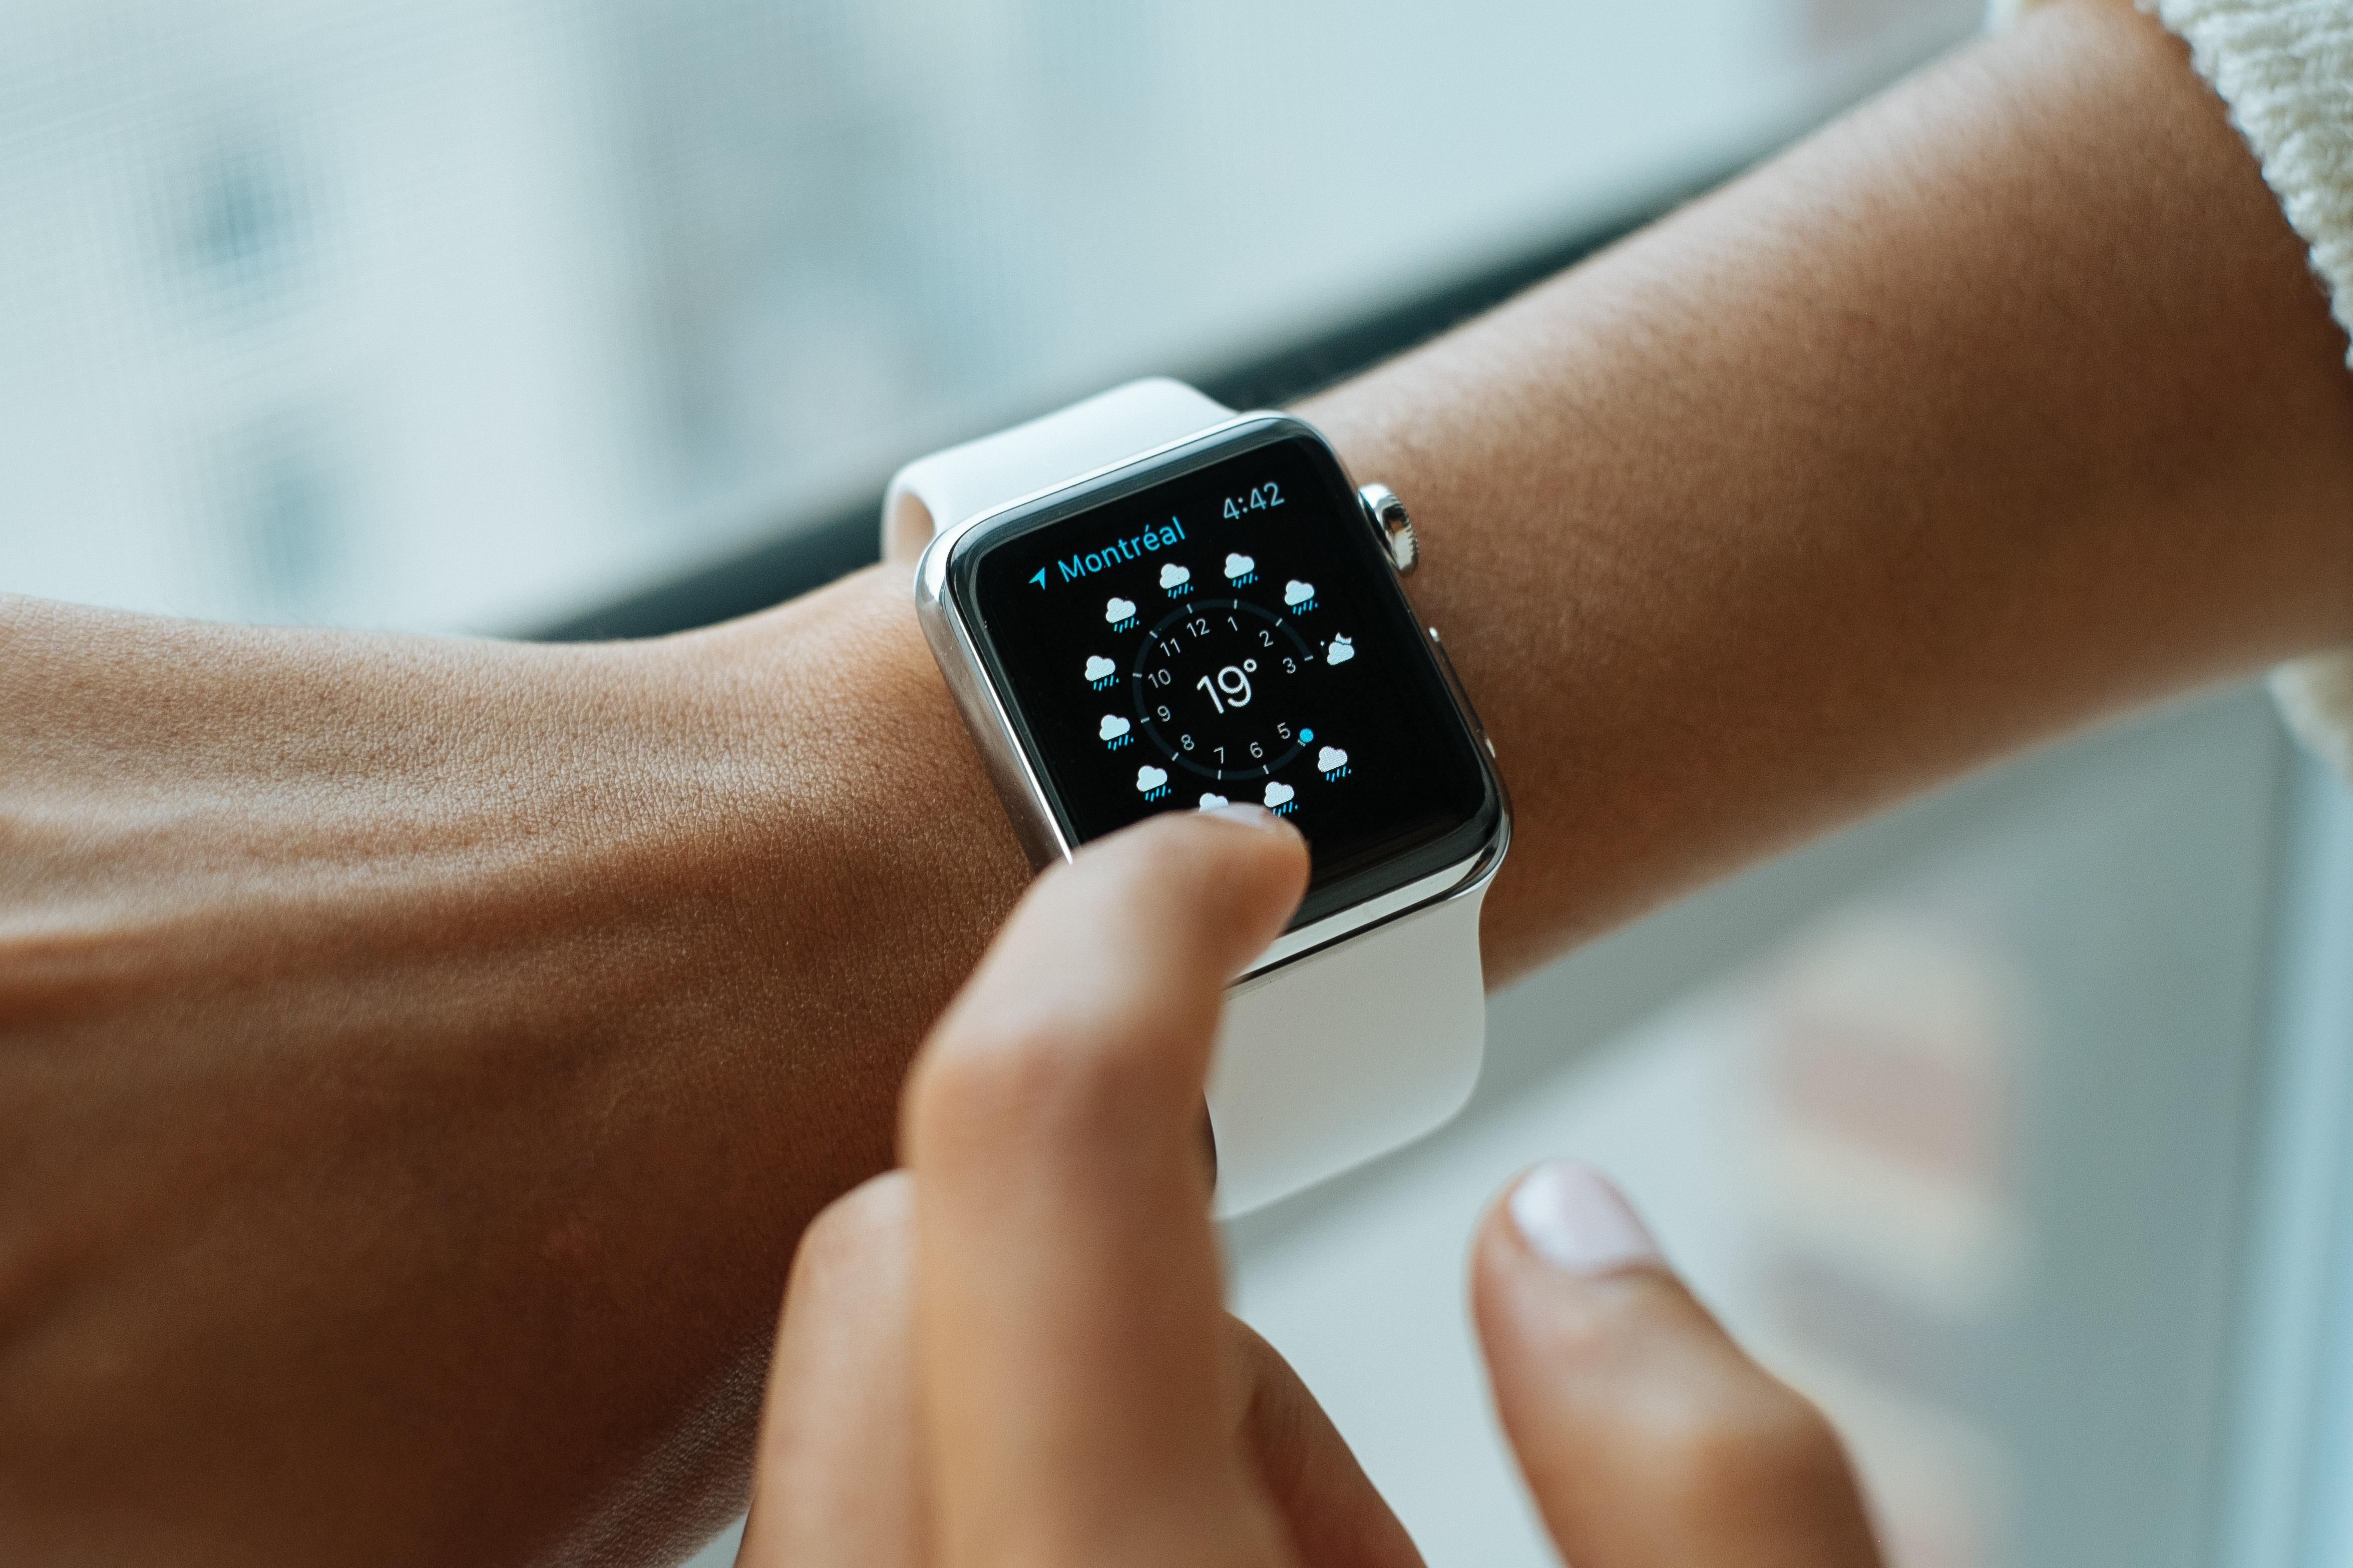 Smart Watch, Wrist, Watch, Technology, Smart, HQ Photo